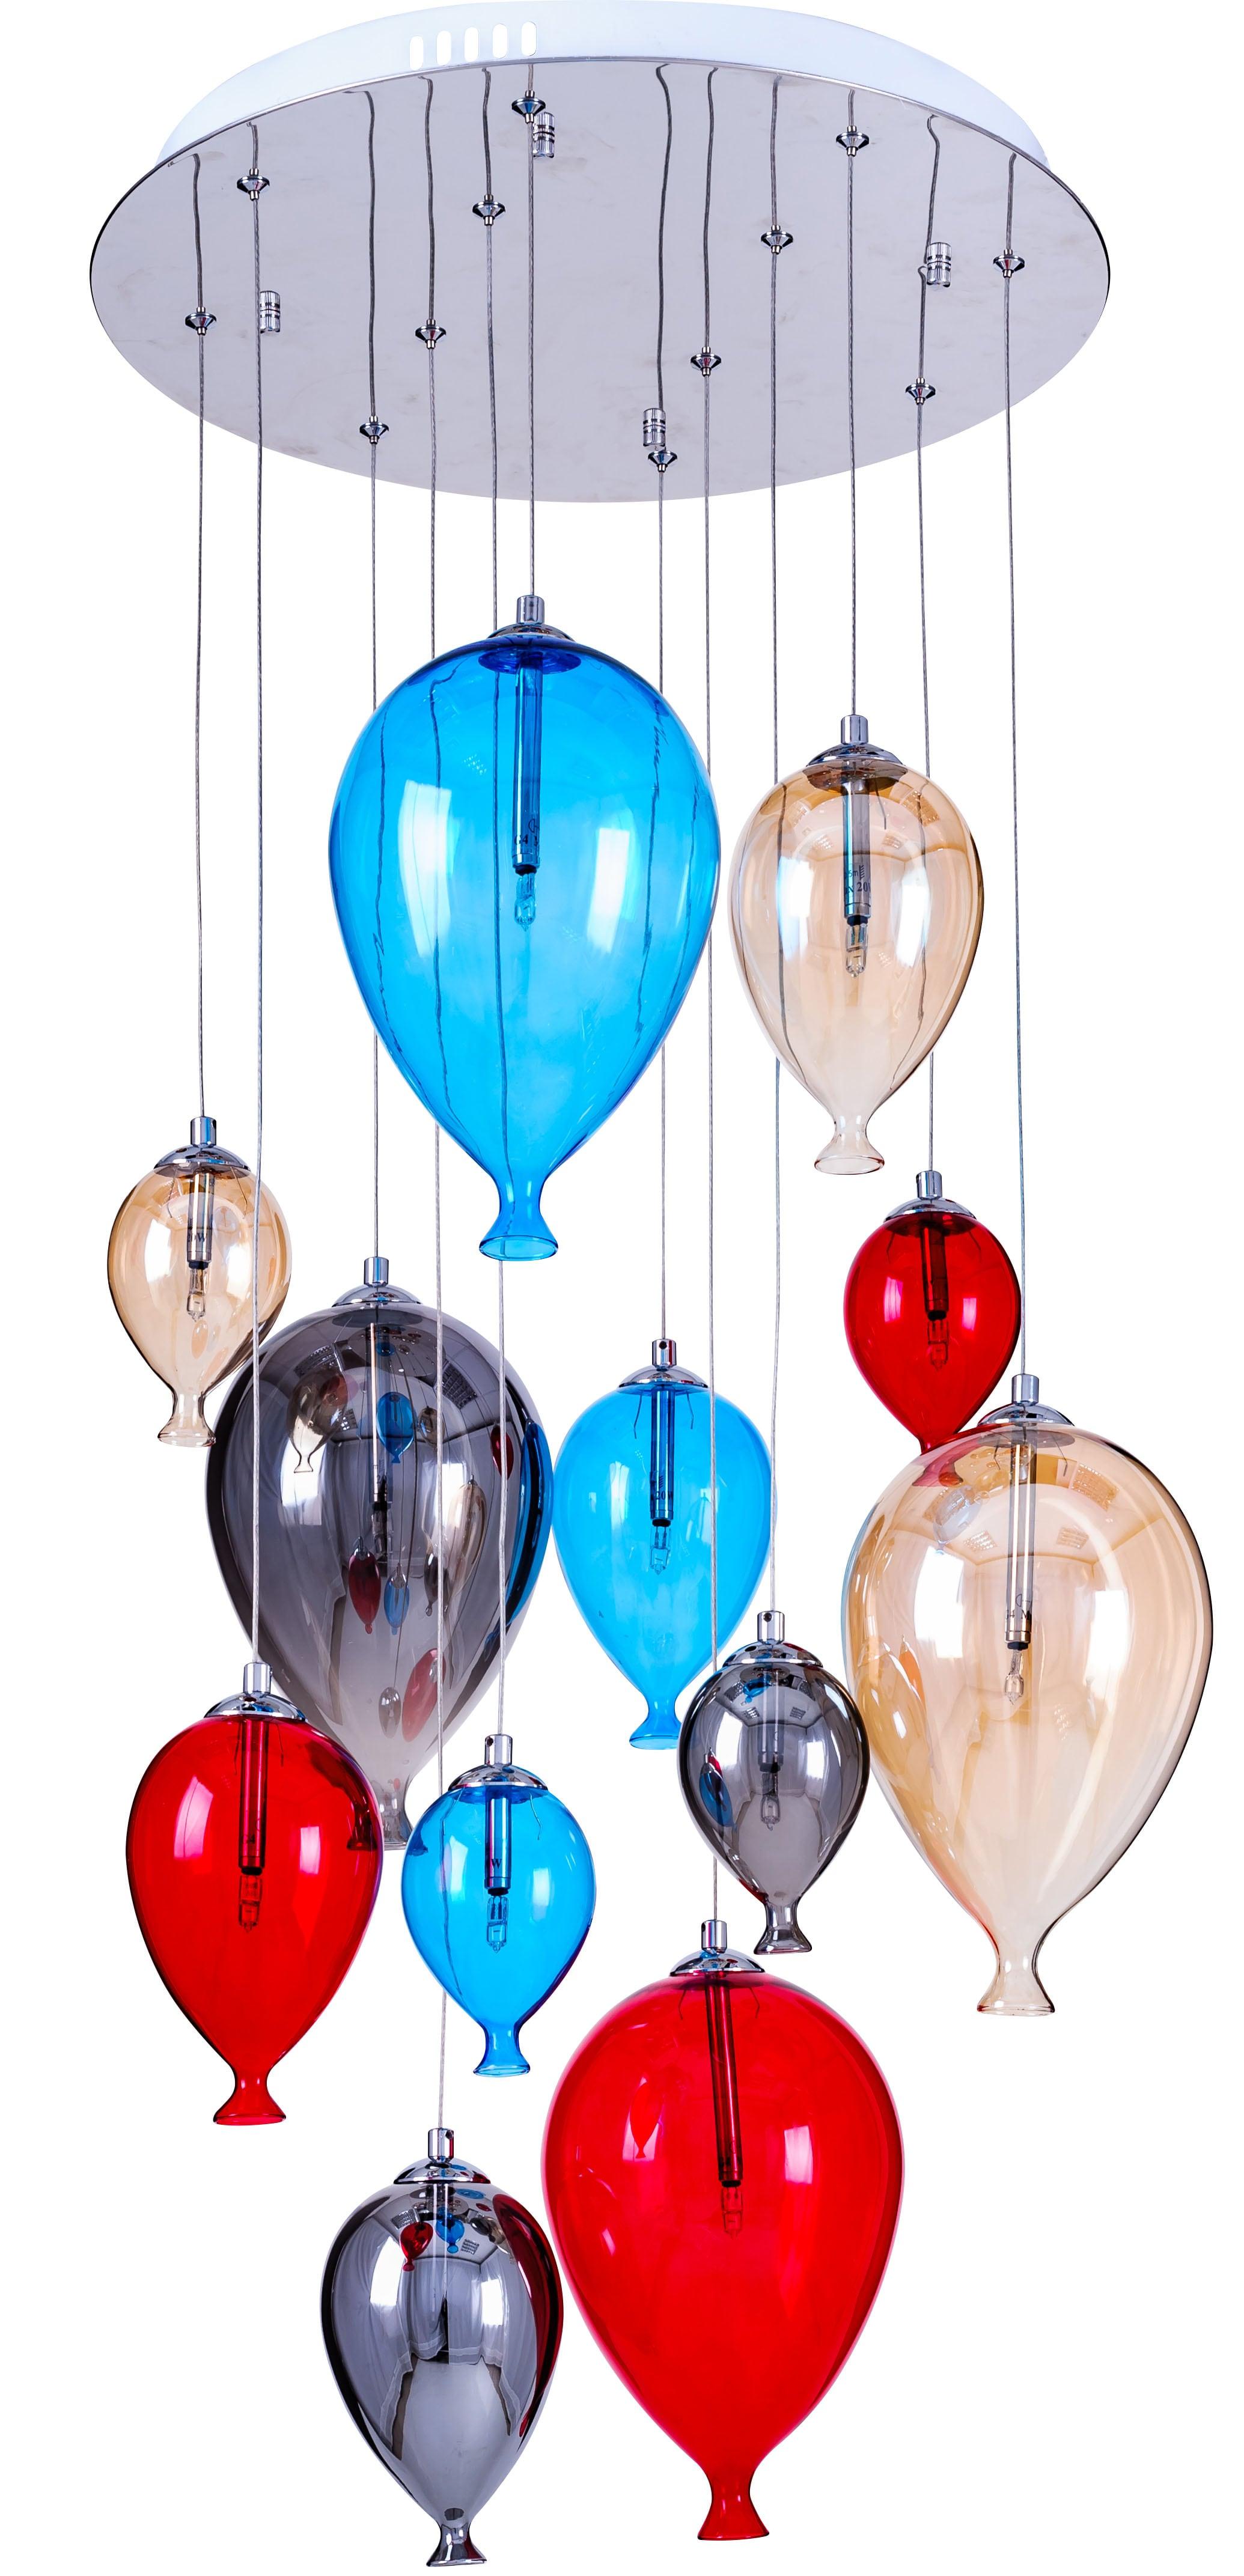 Závěsná svítilna pro balonky - Balón vícebarevný 160cm / 45cm 12xG4 20W